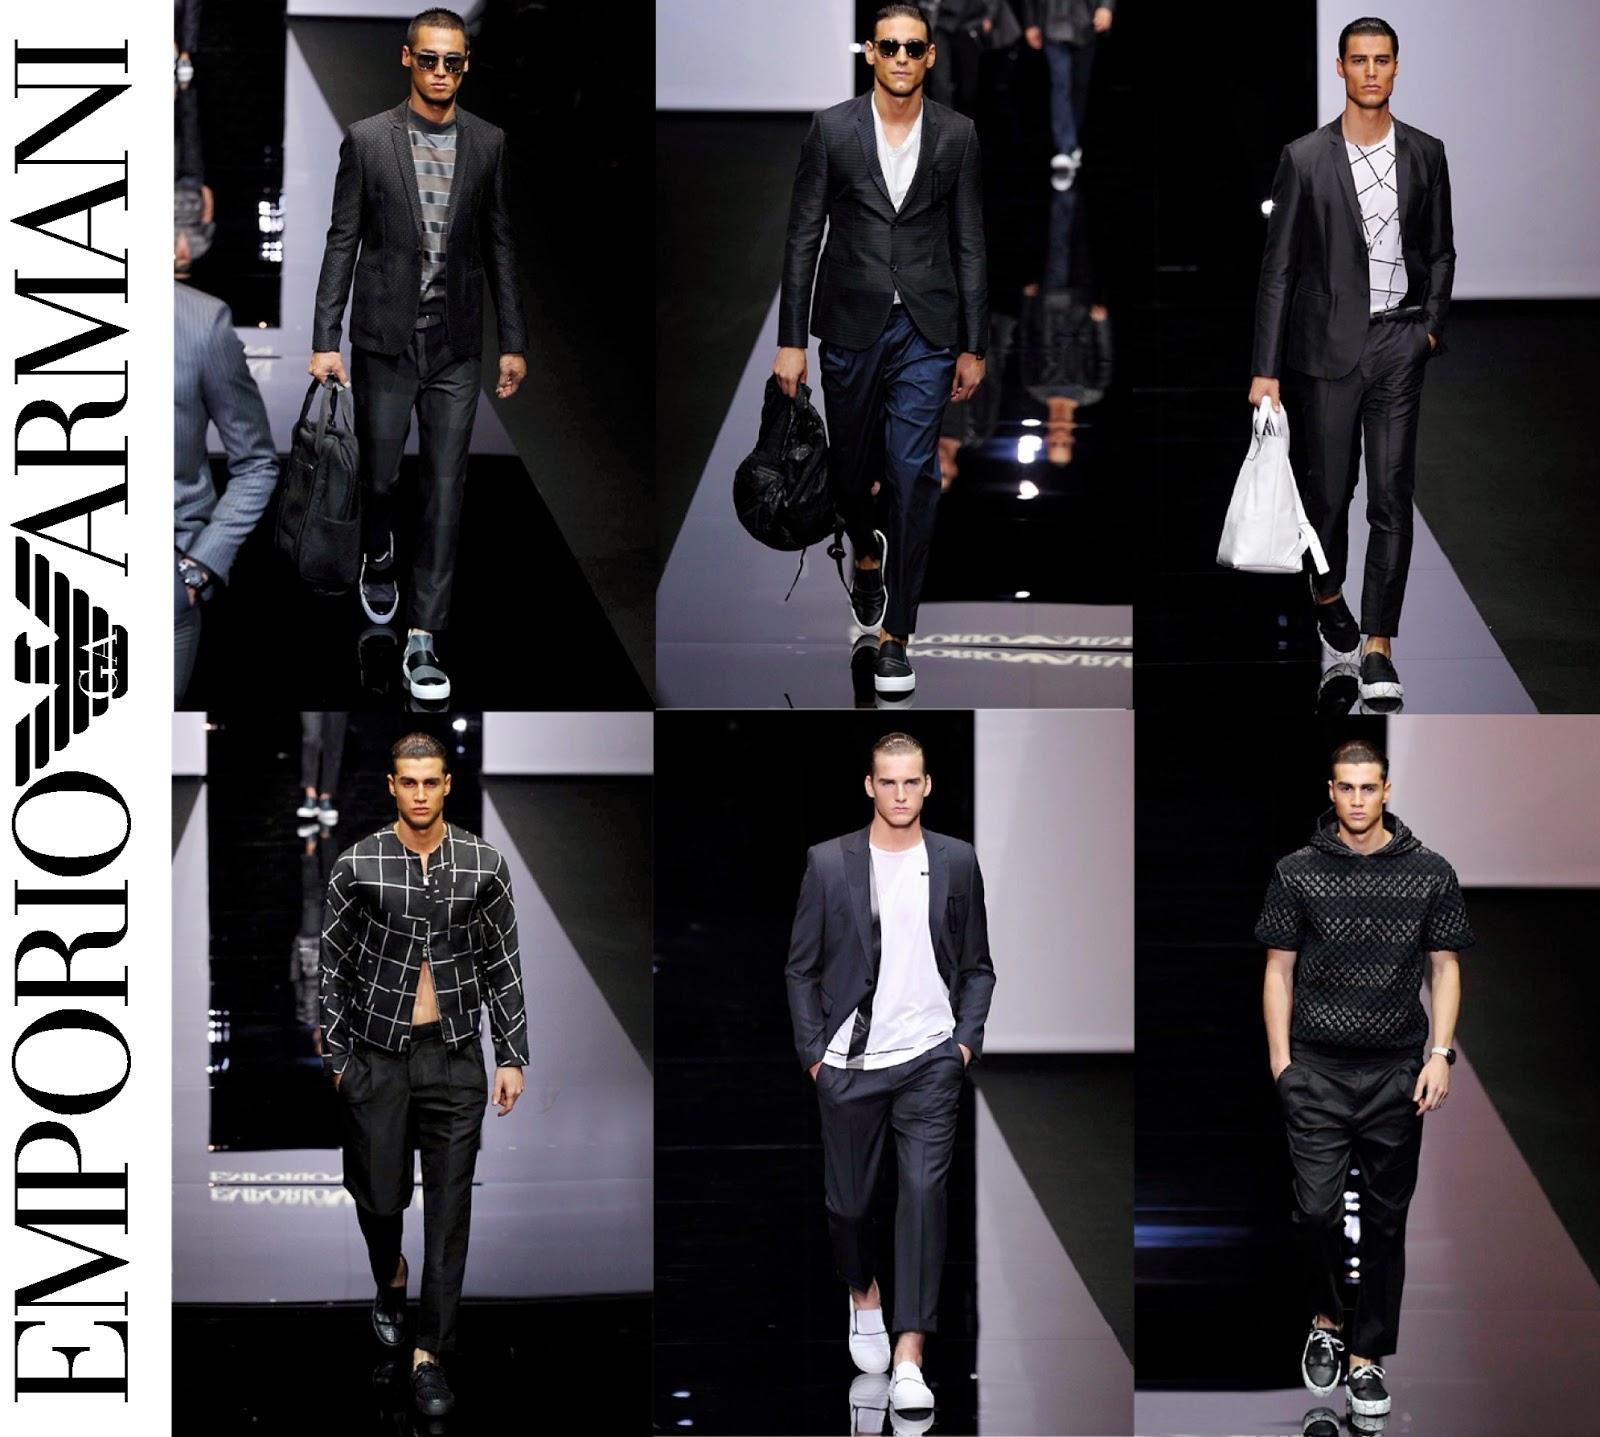 Eniwhere Fashion - Milano Moda Uomo - Primavera Estate 2015 - Emporio Armani